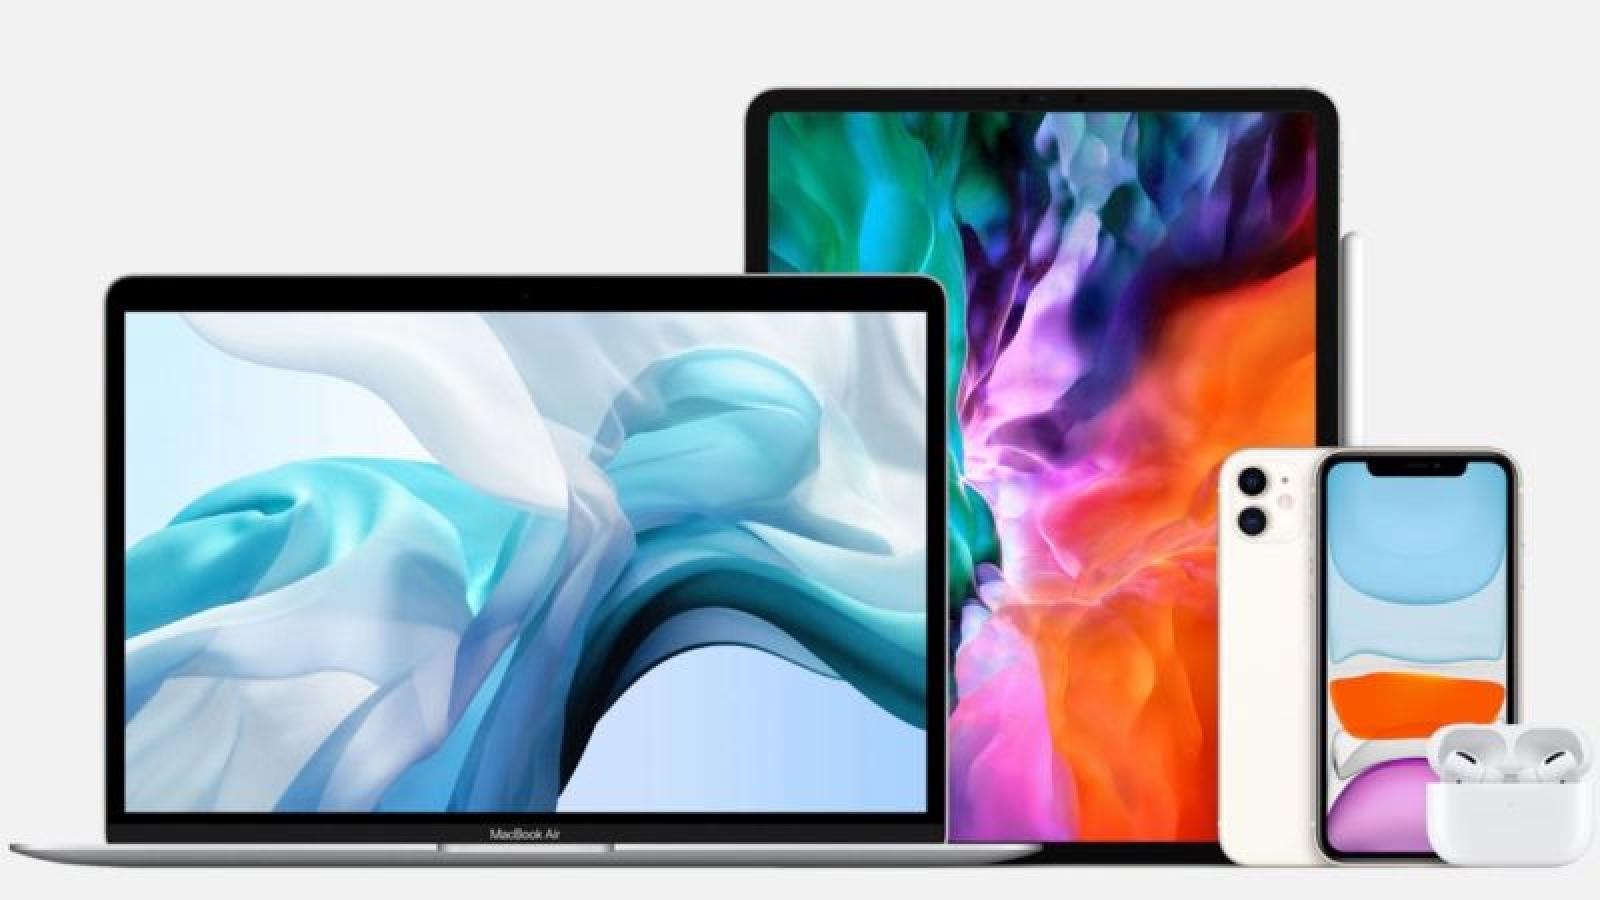 Tình trạng thiếu chip toàn cầu ảnh hưởng đến sản xuất iPad và MacBook